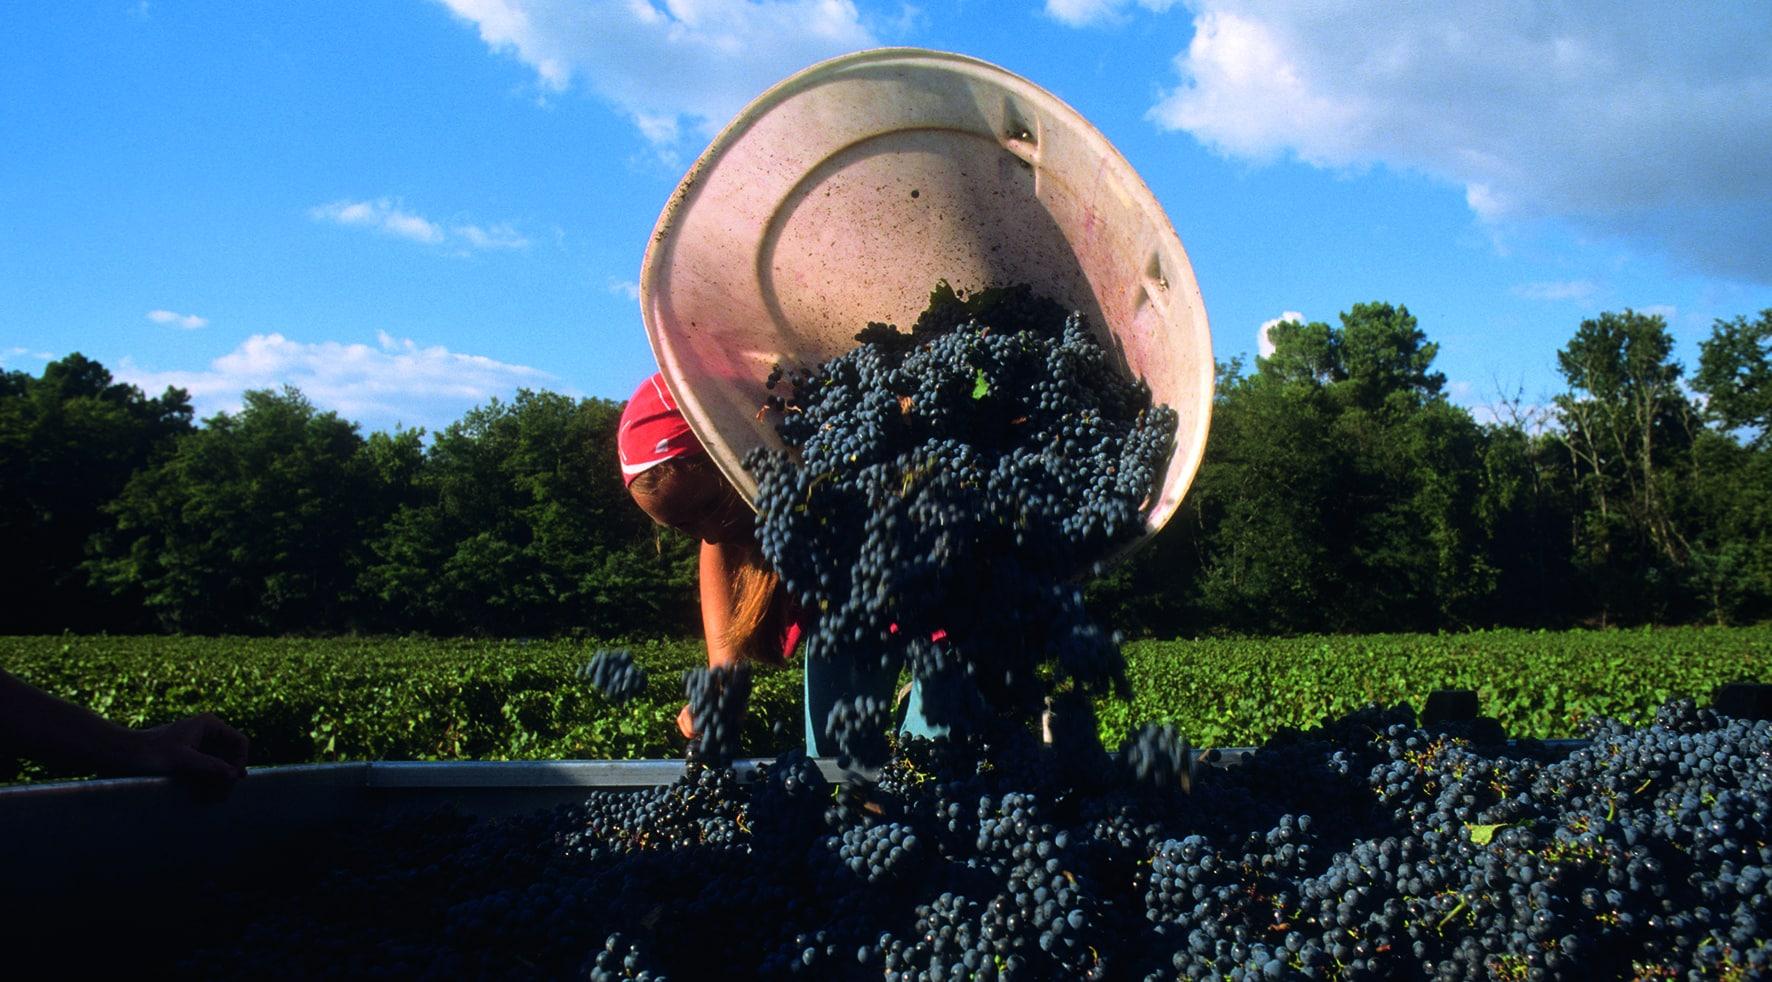 Viele dunkle Trauben in Kanister zur Herstellung von Wein.